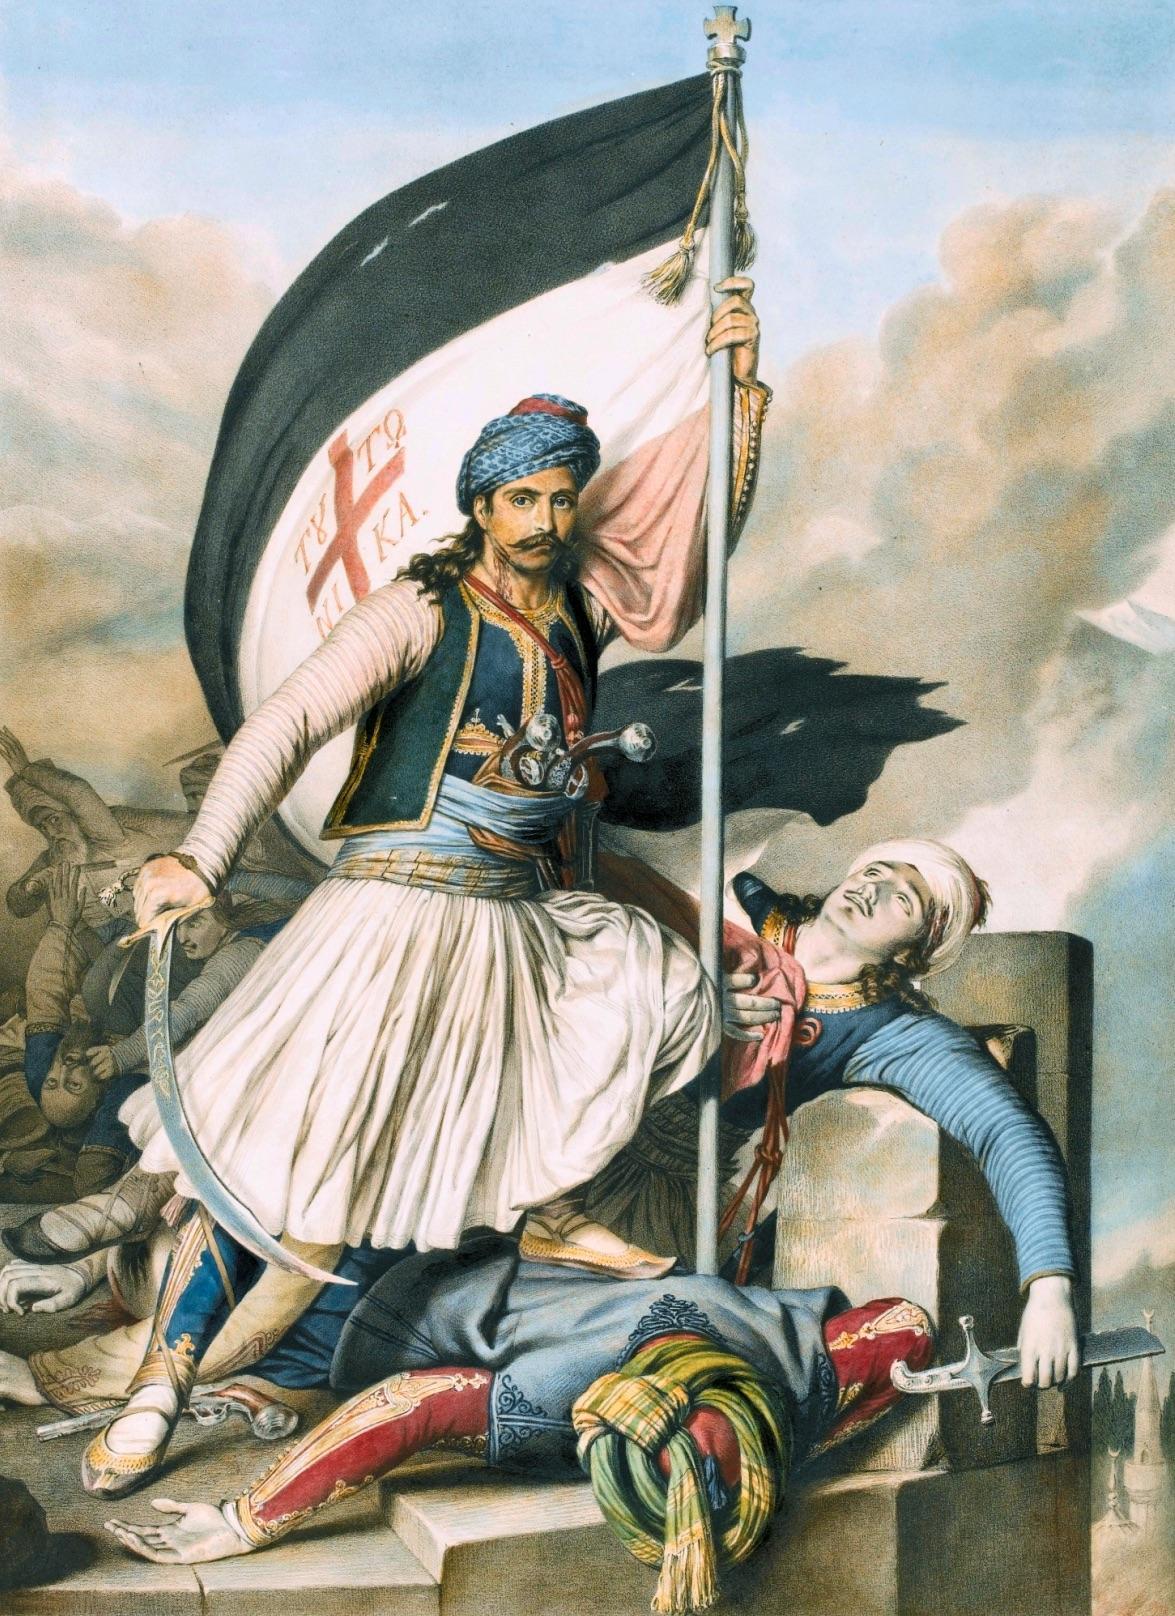 Görög szabadsághősök, ahogy a rousseauista nyugati értelmiség elképzelte őket.